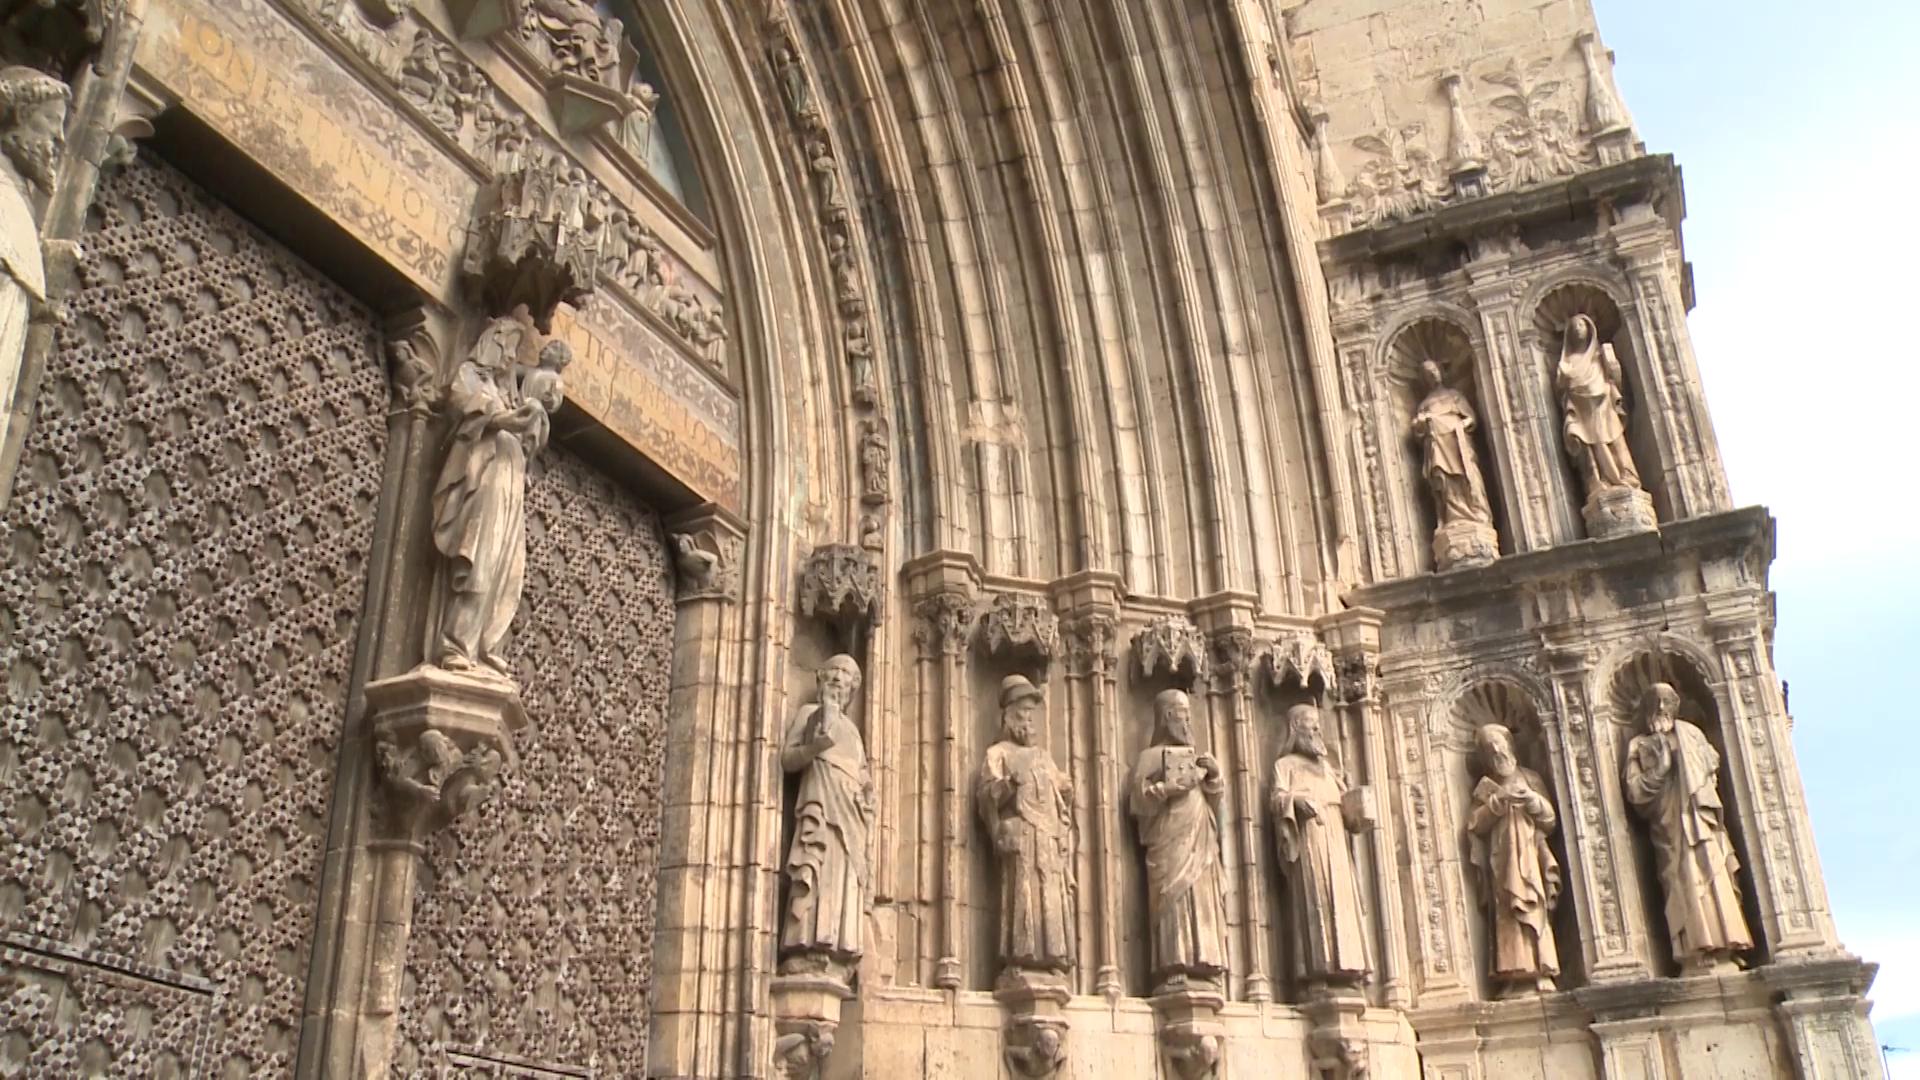 Morella, la Generalitat invertirà 1 milió d'euros per restaurar la façana de l'església de Santa Maria la Major